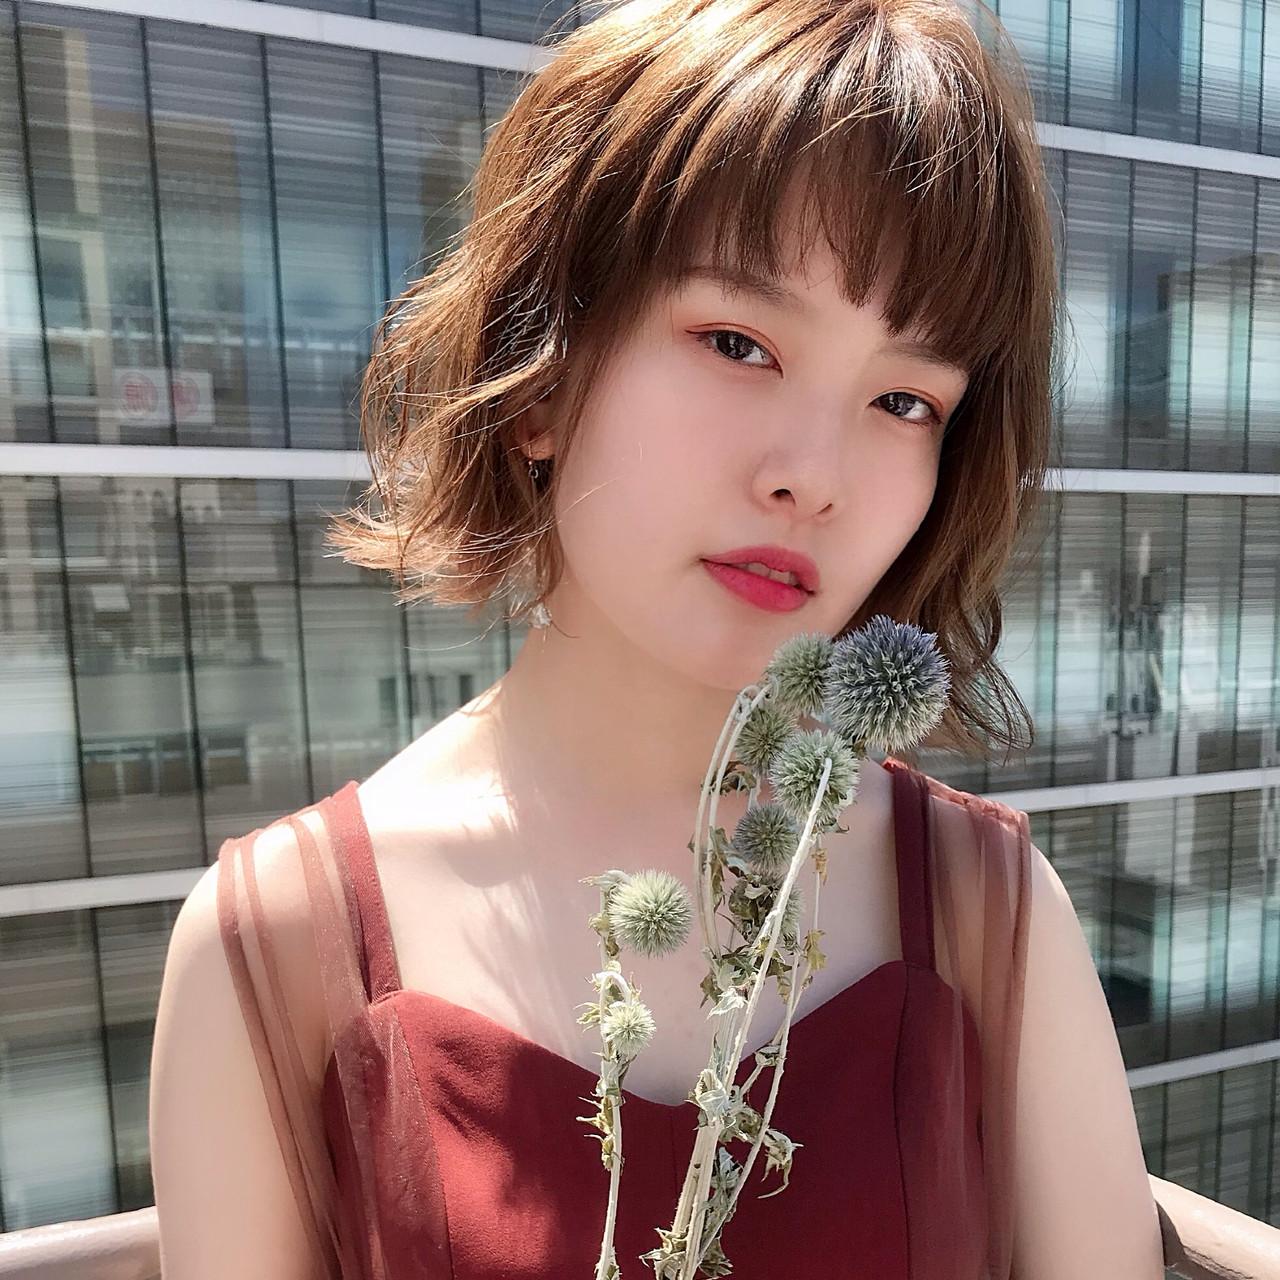 ガーリー ボブ モテ髪 インナーカラー ヘアスタイルや髪型の写真・画像 | Kohe Kamijo / Zina Central